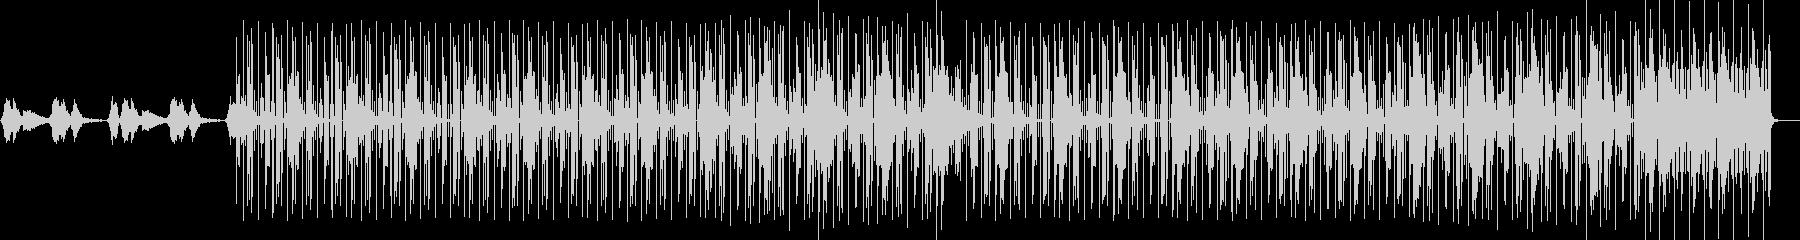 幻想的 電子音 トラップビートの未再生の波形